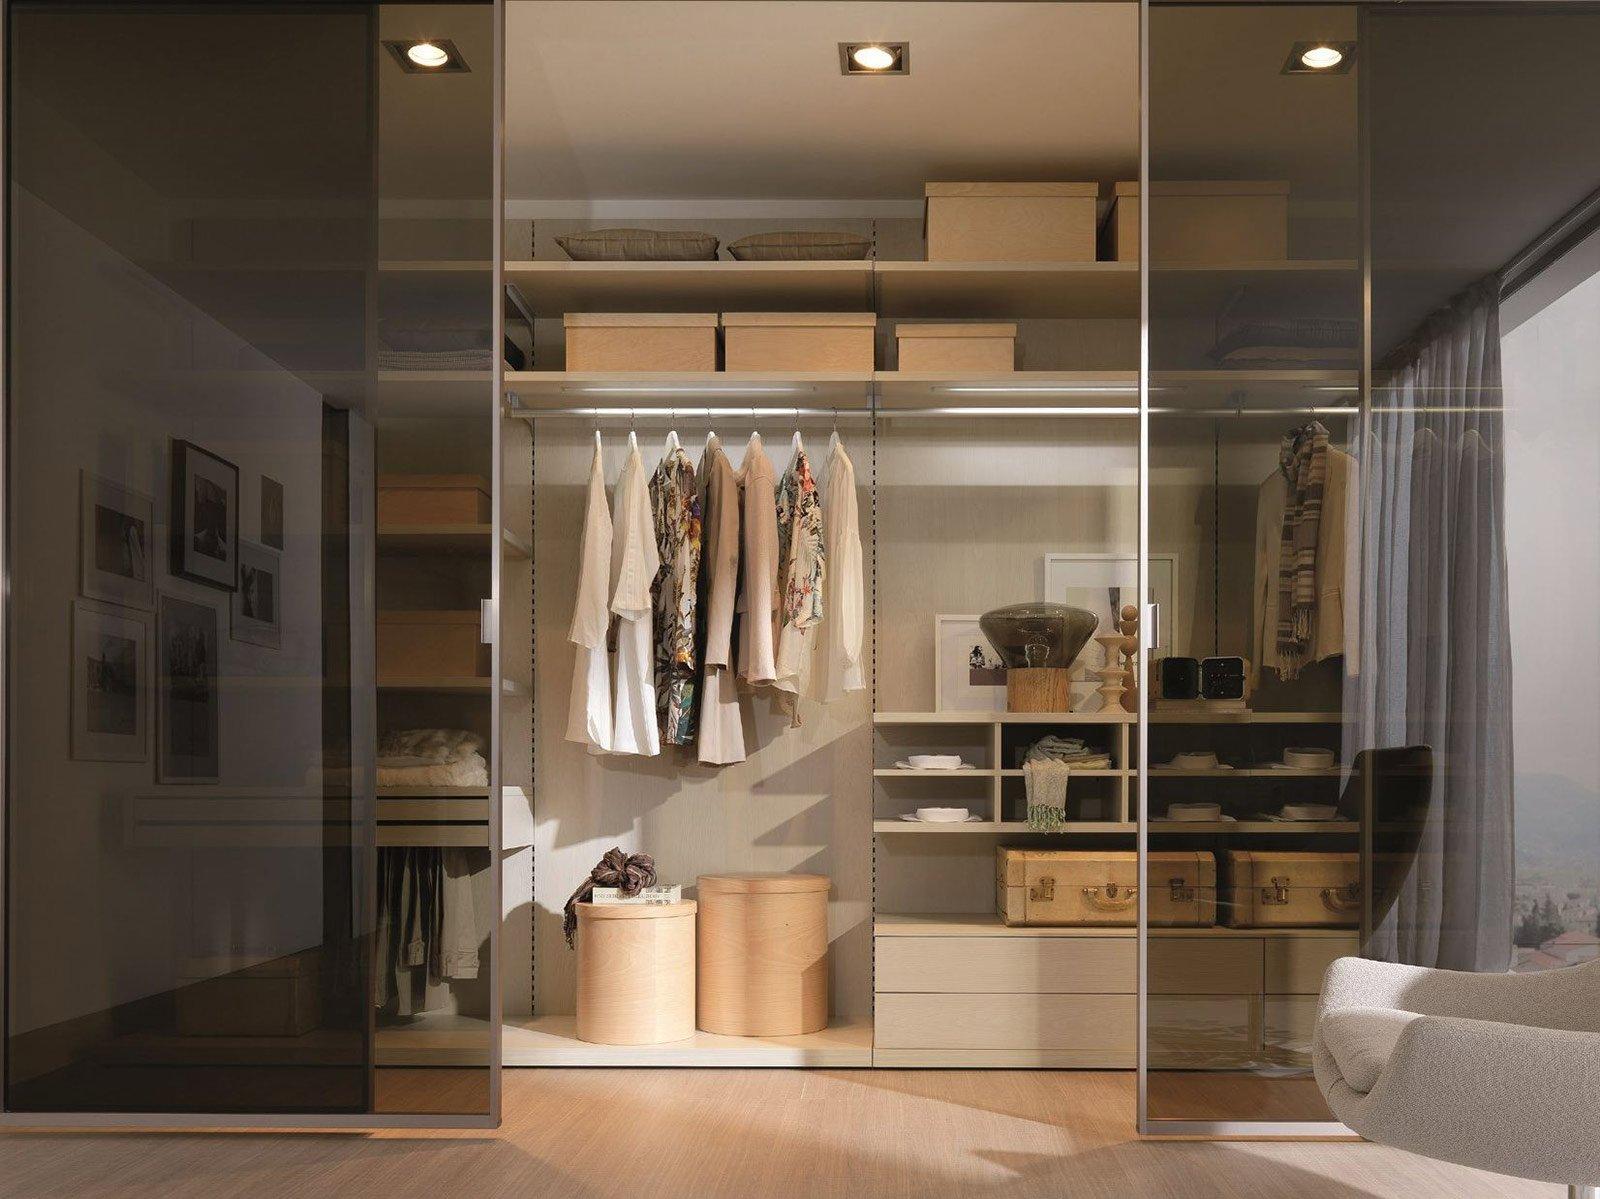 Cabina Armadio Lema Prezzo : Cabine armadio progettiamo insieme lo spazio cose di casa